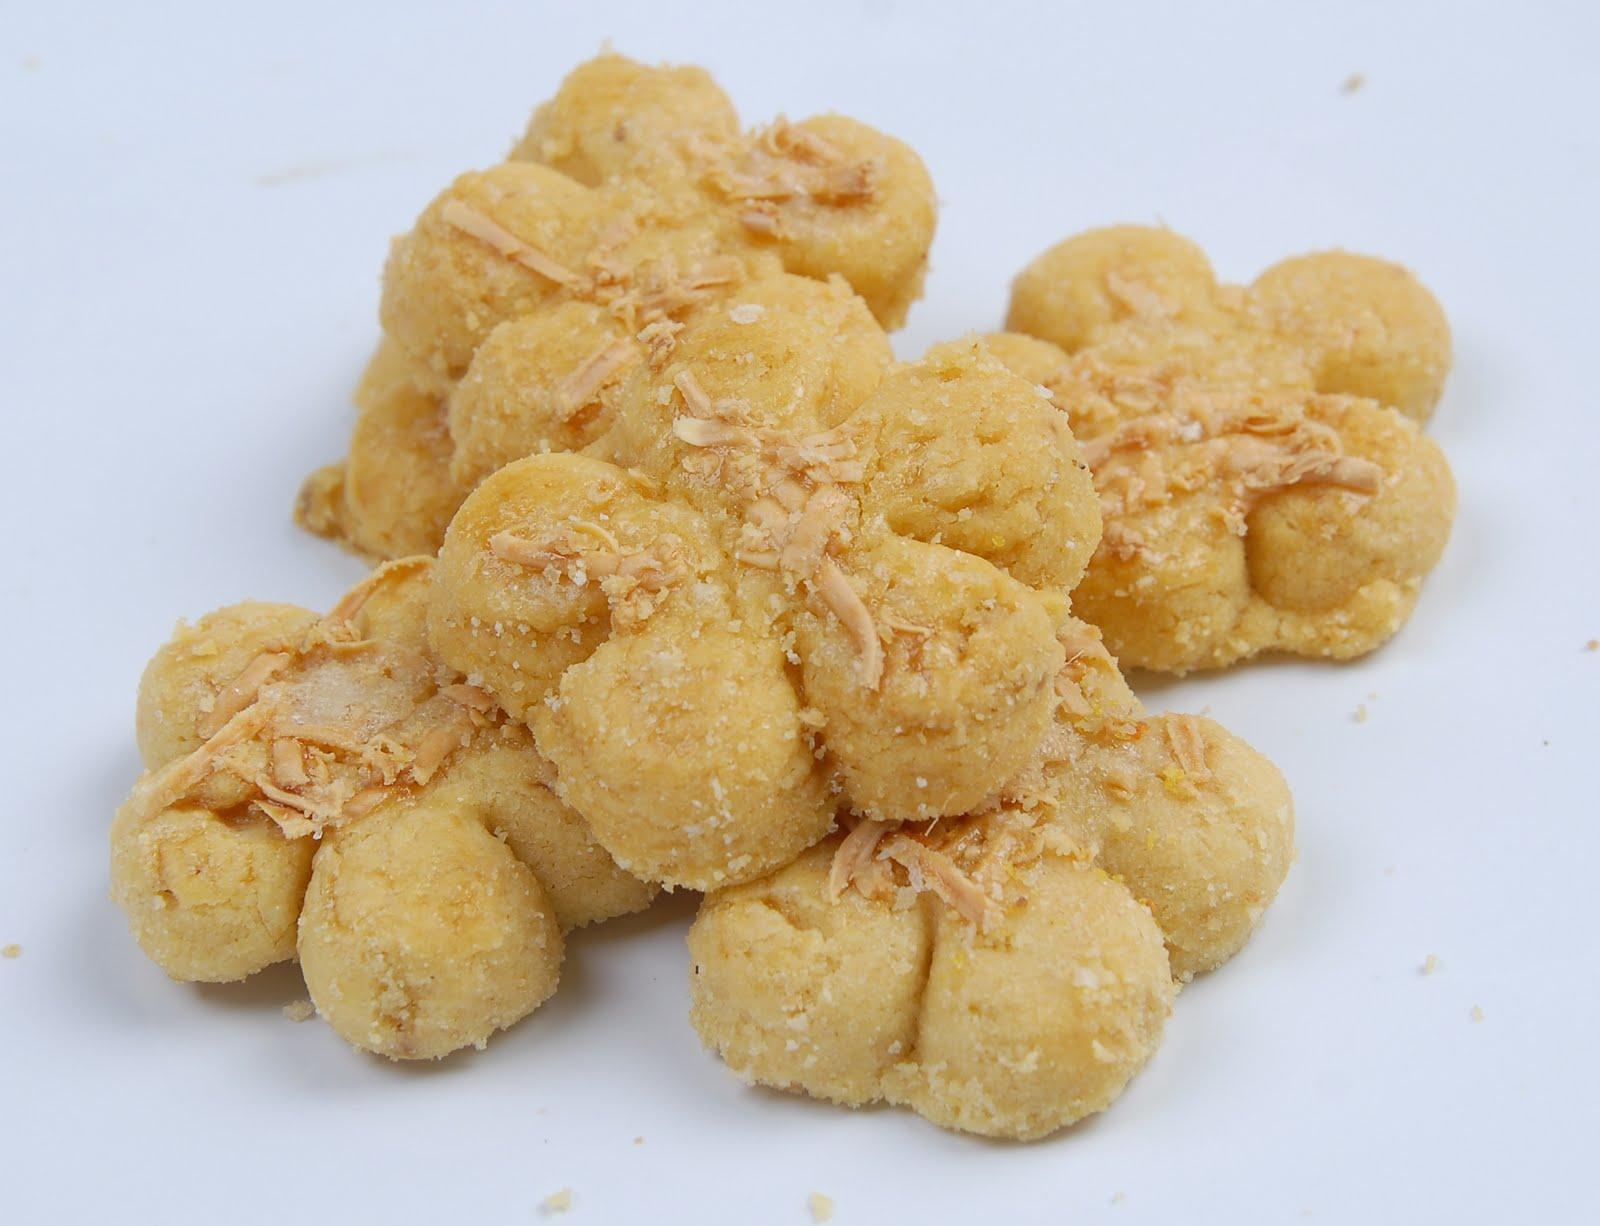 yana cookiesatblogspotcom nama  gambar biskut raya Resepi Biskut Makmur Coklat Enak dan Mudah